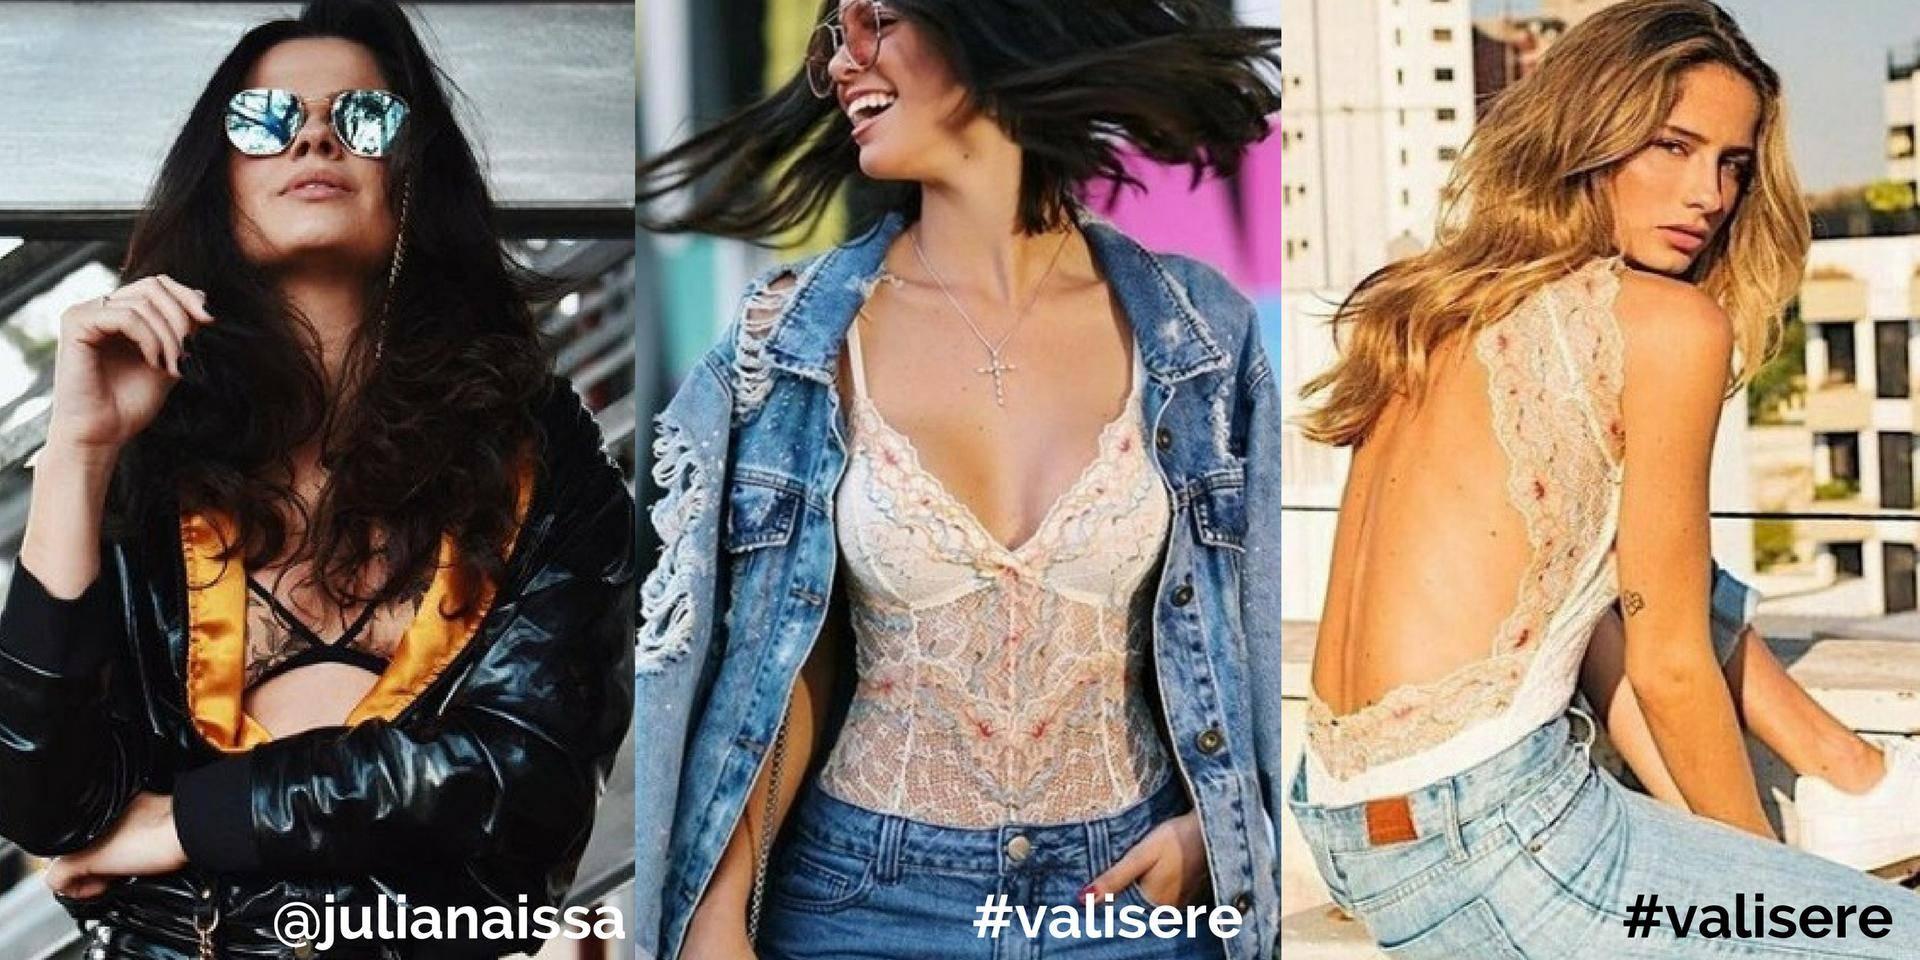 www.juicysantos.com.br - inspirações instagram para usar lingerie aparecendo